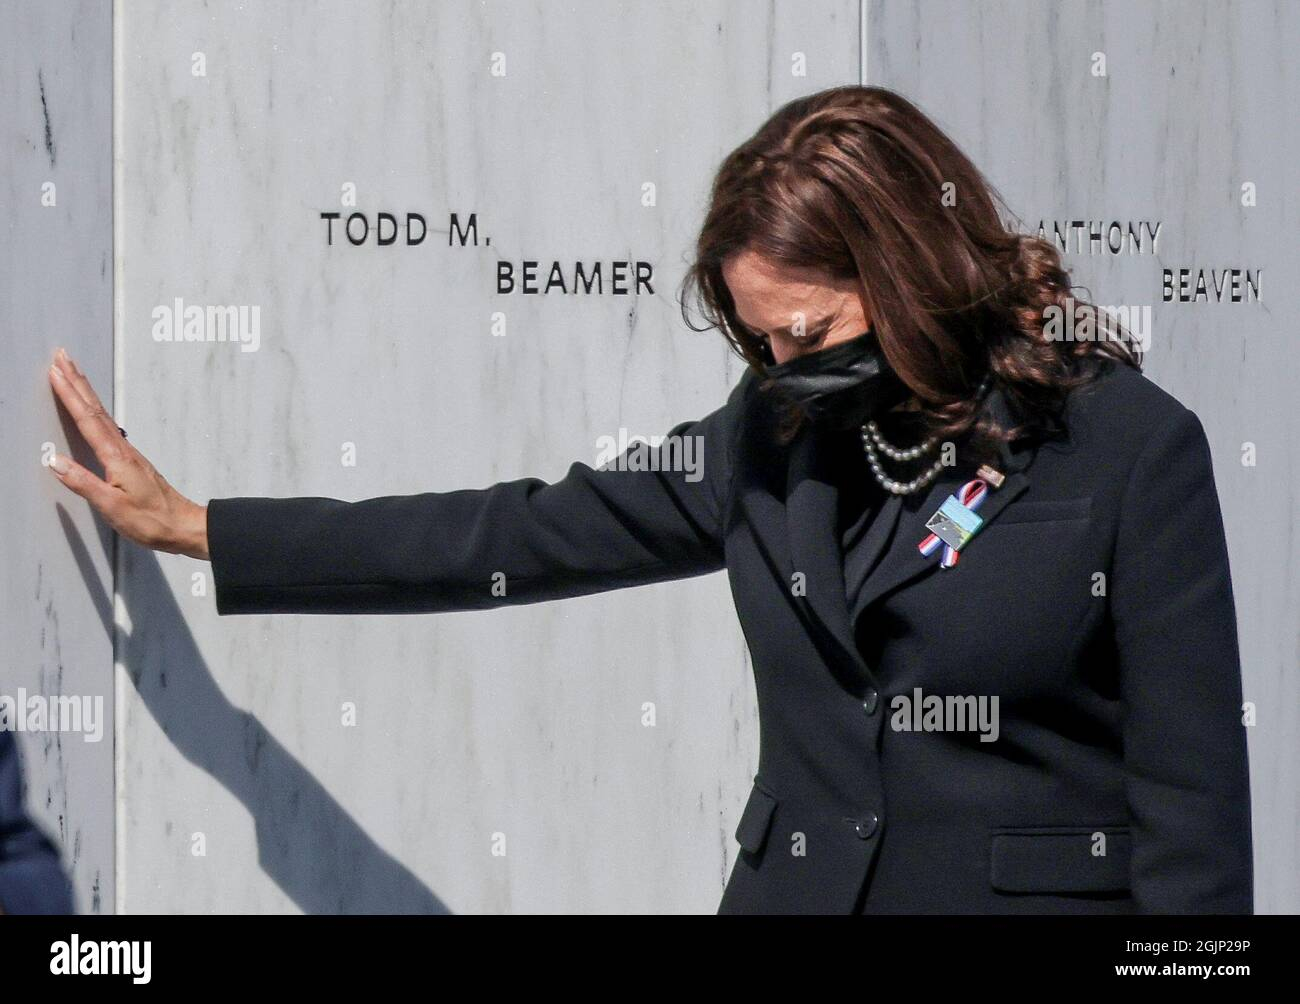 US-Vizepräsidentin Kamala Harris berührt das National Memorial von Flug 93 während einer Veranstaltung zum 20. Jahrestag der Angriffe vom 11. September 2001 in Stoystown, Pennsylvania, USA, 11. September 2021. REUTERS/Evelyn Hockstein Stockfoto